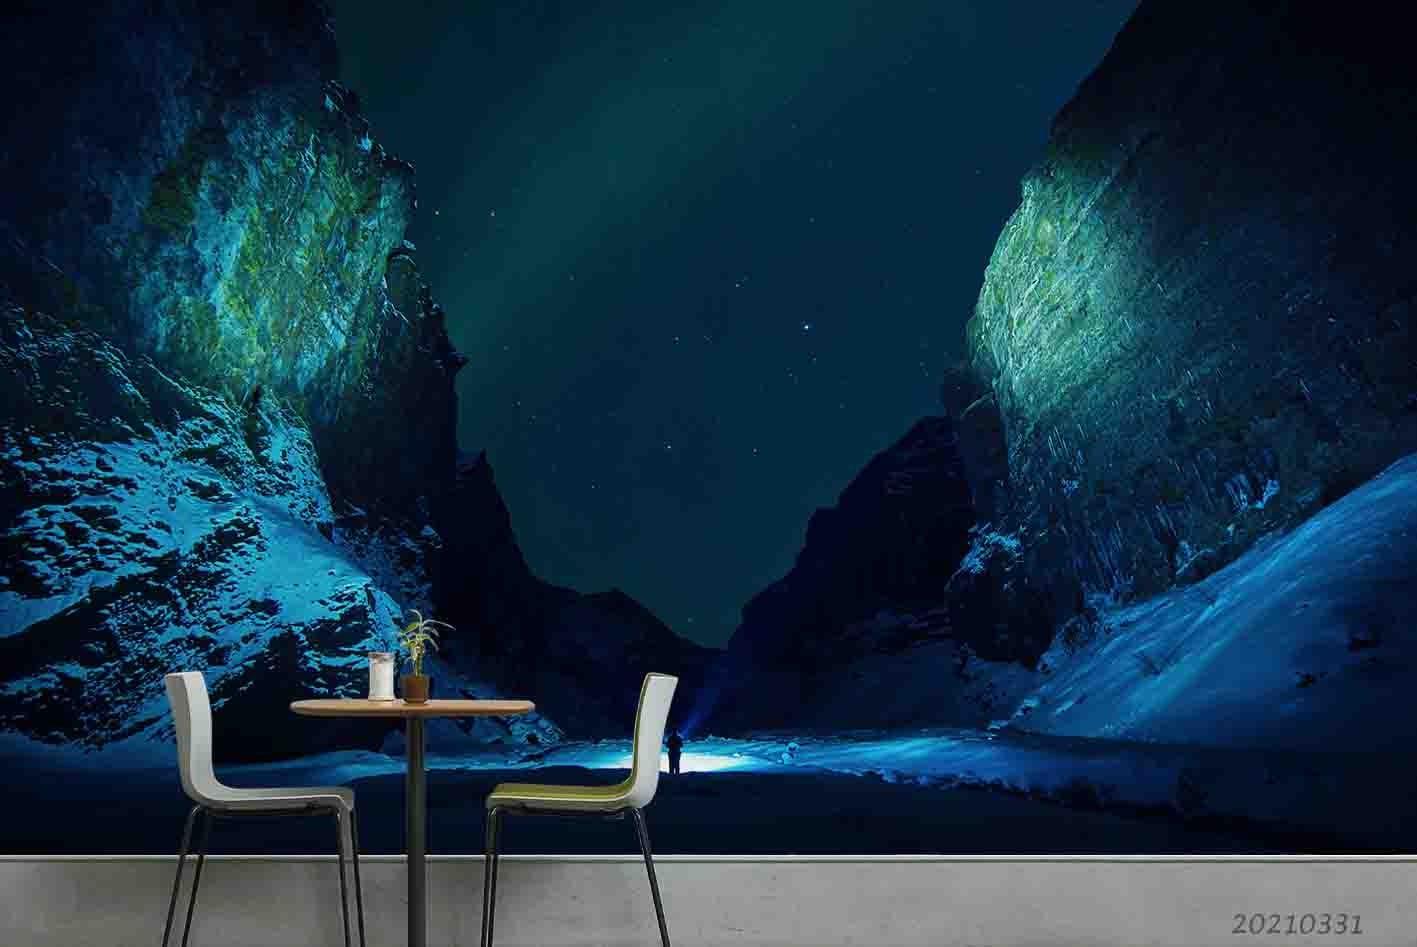 3D Mountain Nature Landscape Wall Mural Wallpaper LQH 442